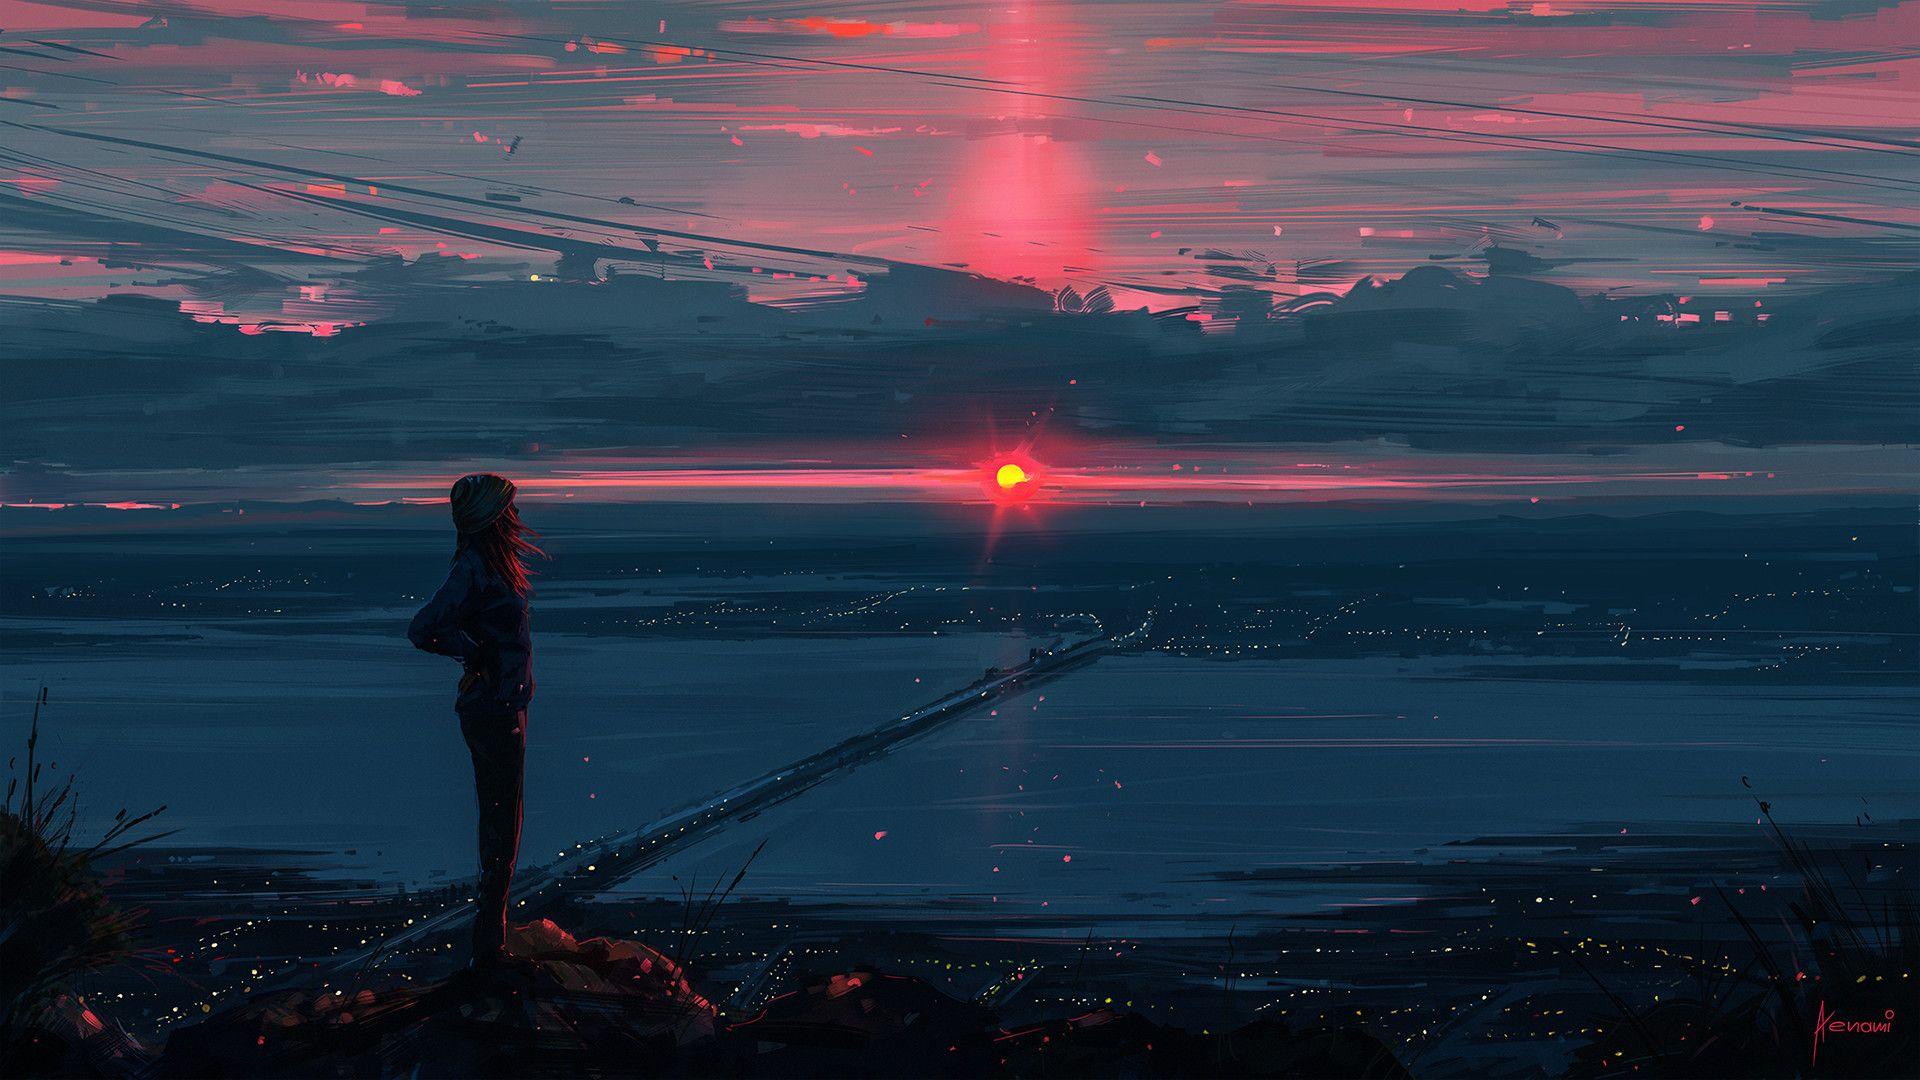 Dreamer Digital Illustration 1920h1080 Http Ift Tt 2hlljbb Colorful Landscape Scenery Wallpaper Anime Scenery